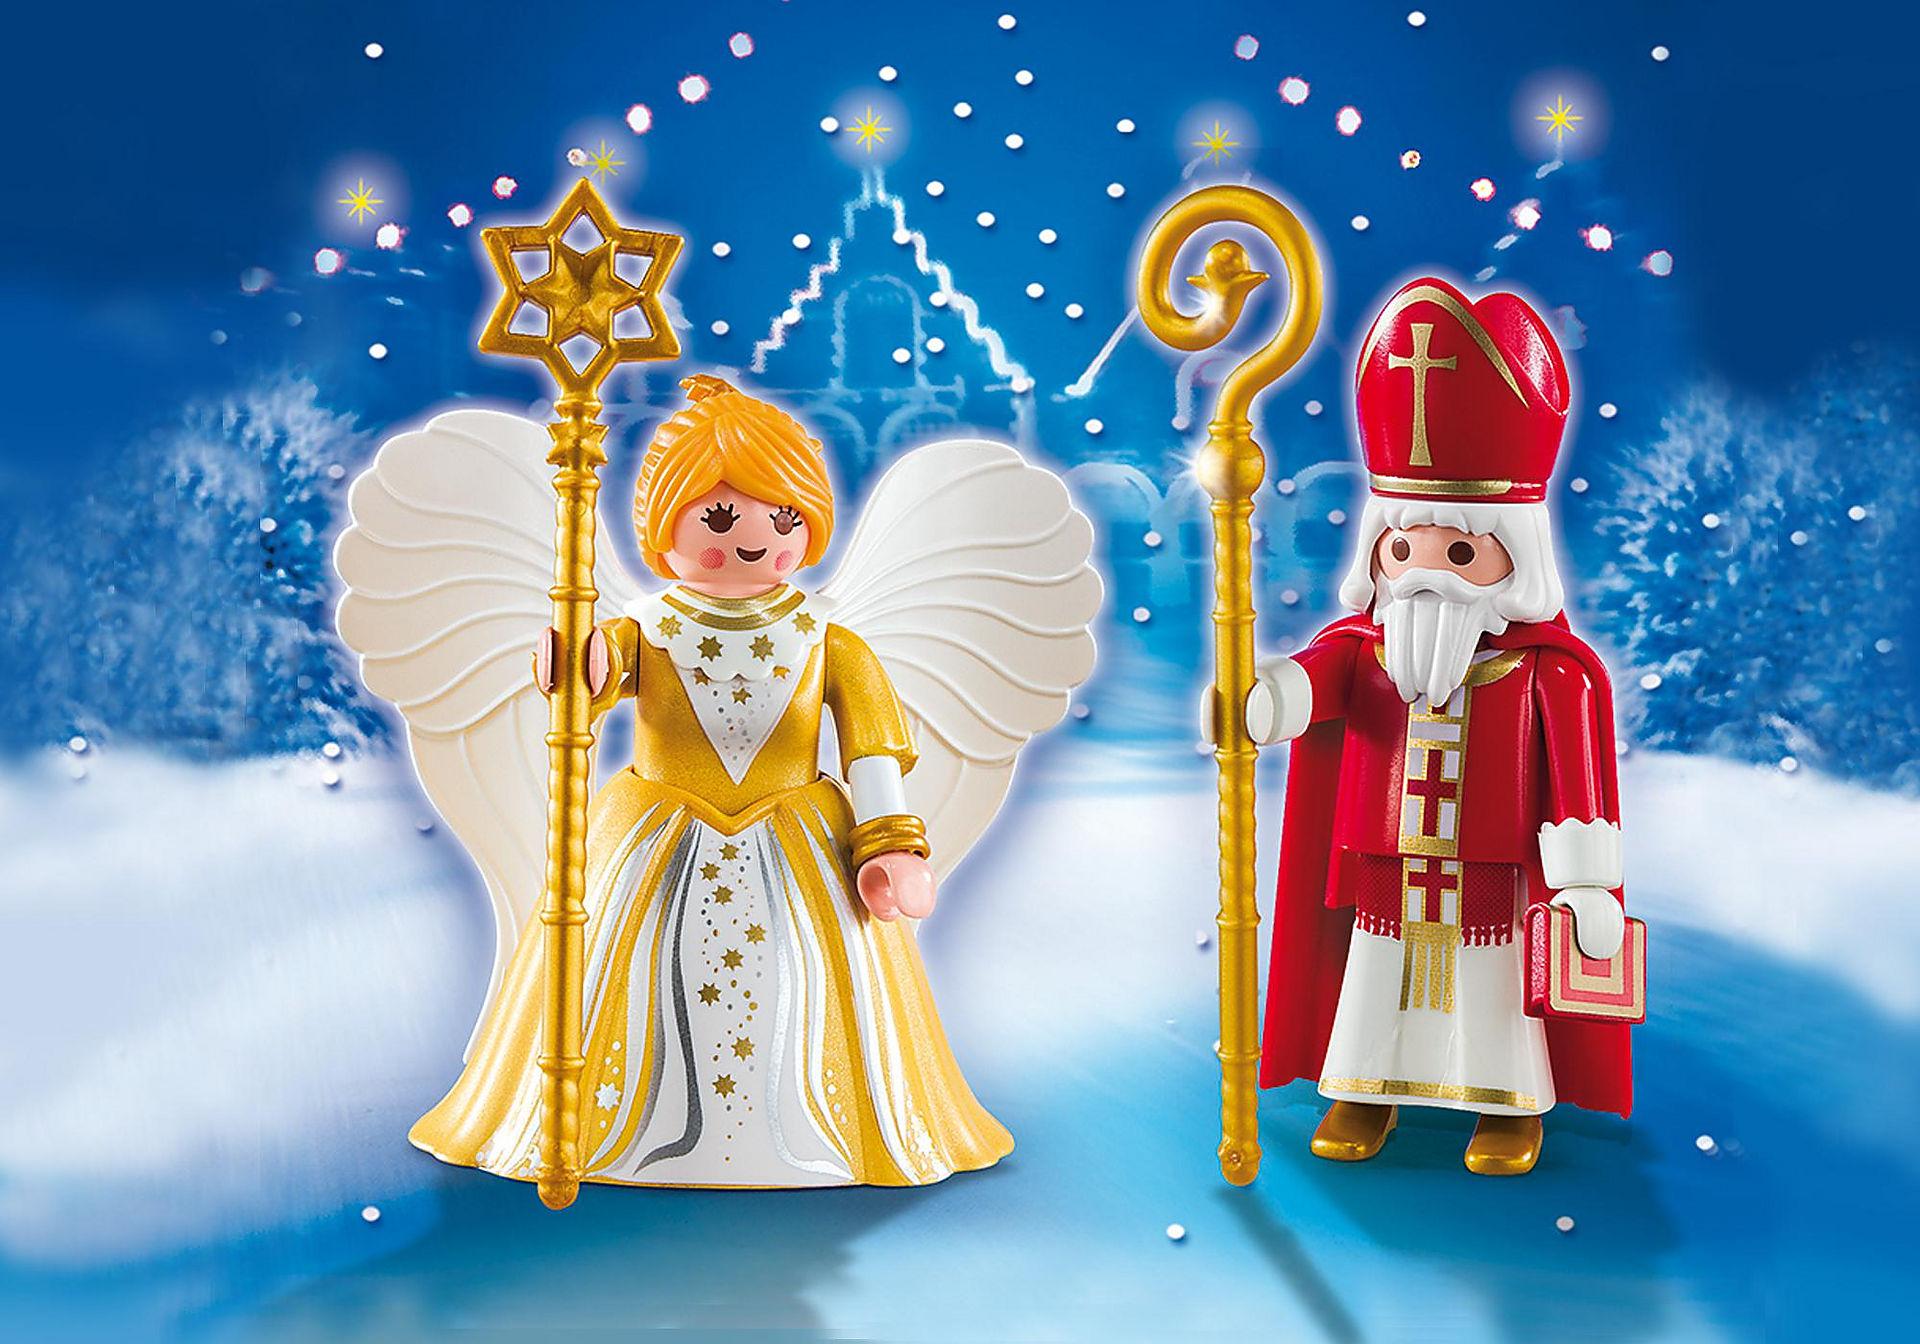 5592 St. Nikolaus und Weihnachtsengel zoom image1